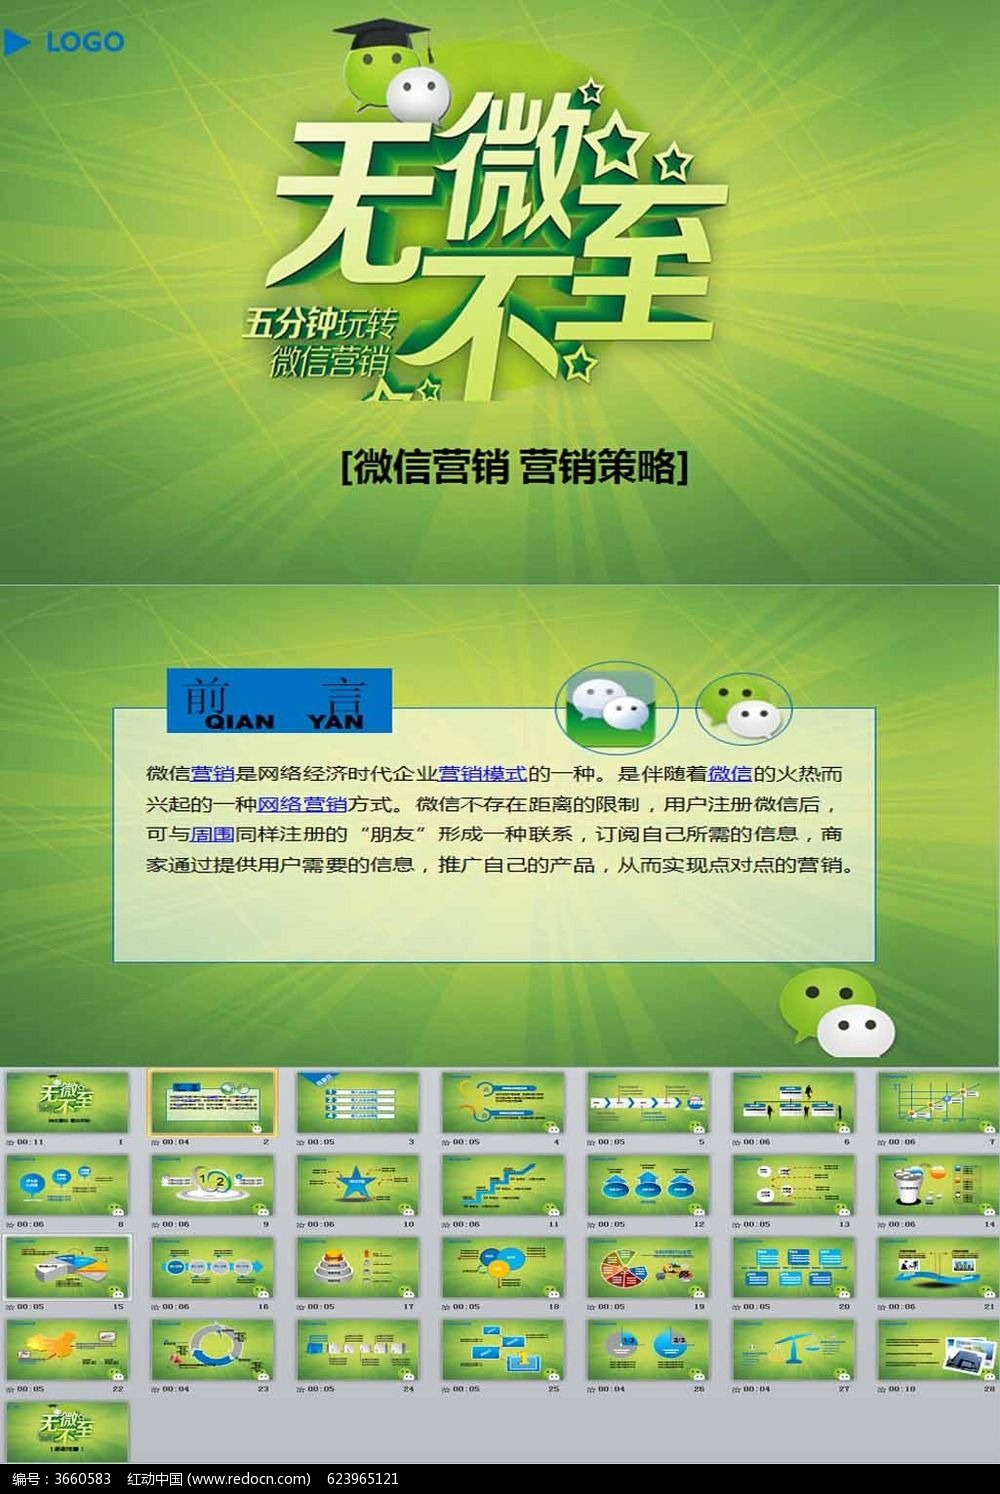 微信营销方案ppt模板_ppt模板\/PPT背景图片图